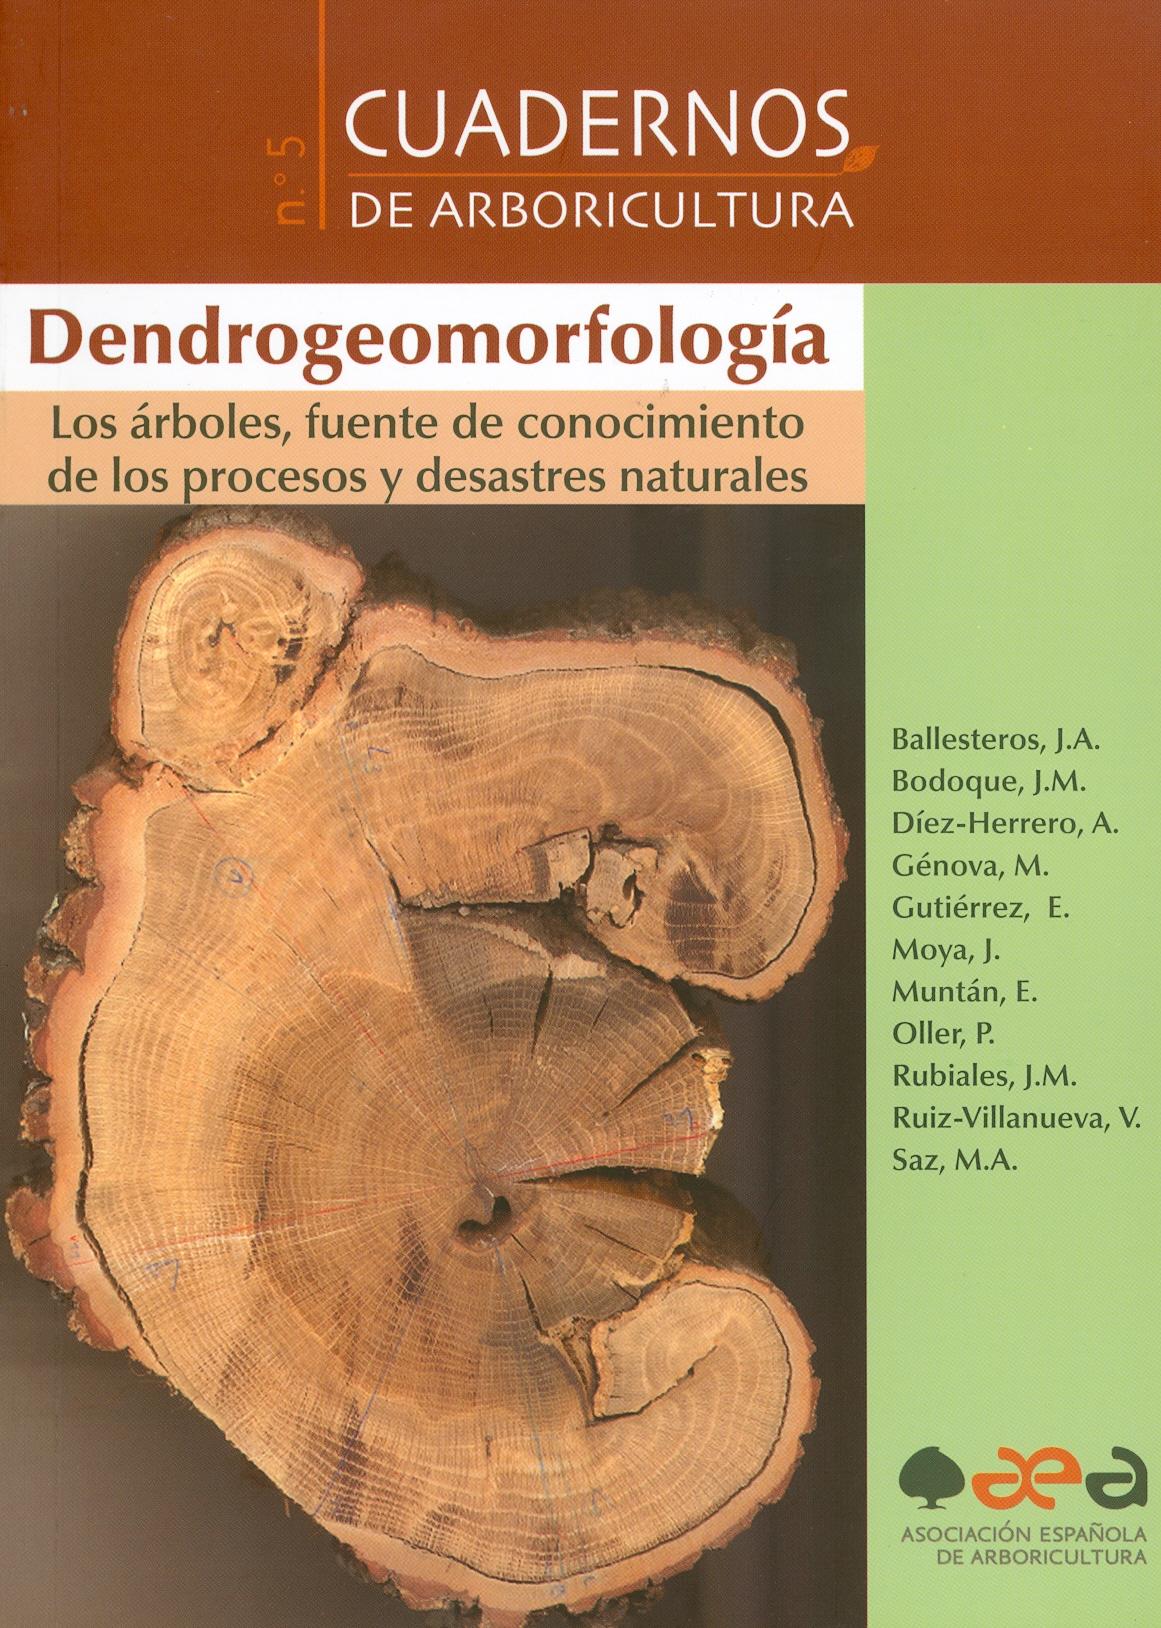 Dendrogeomorfología. Los árboles, fuente de conocimiento de los procesos y desastres naturales